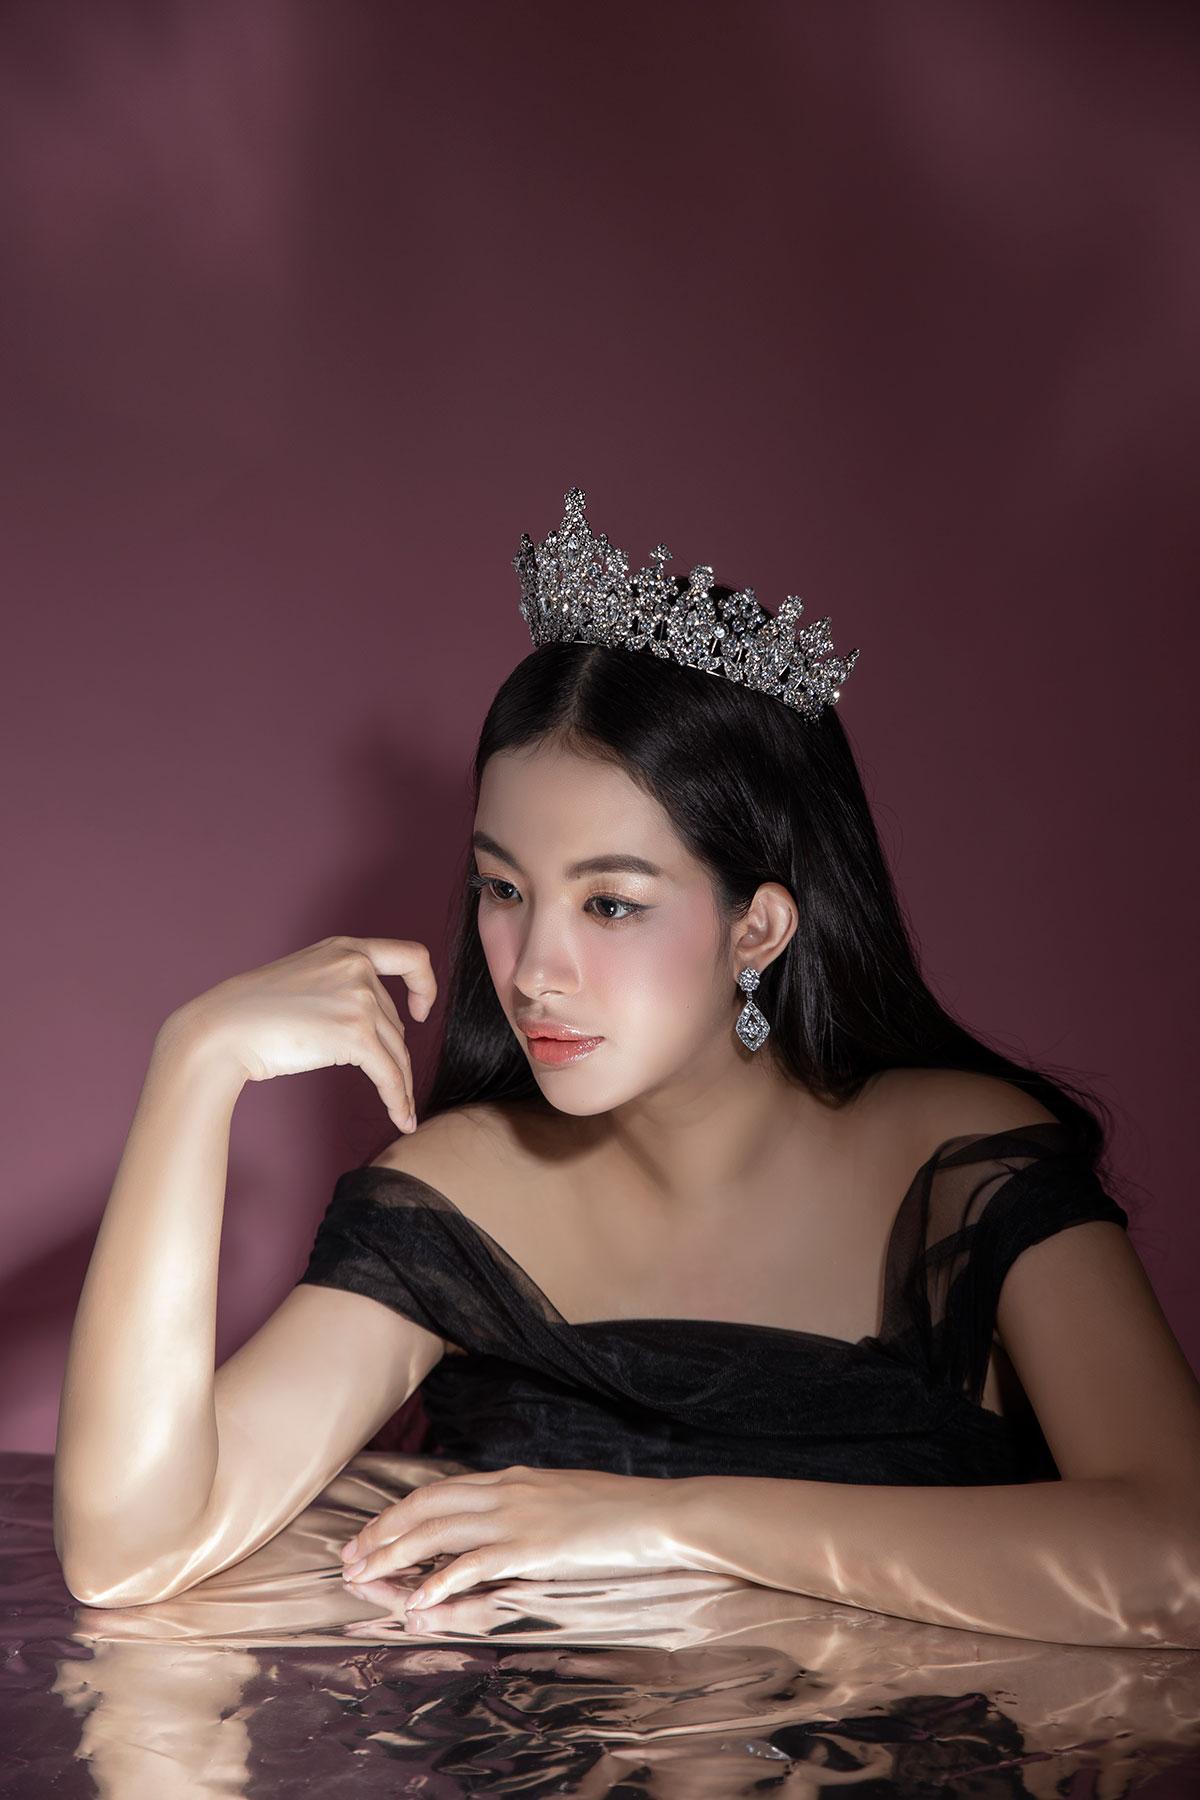 Vương miện Swarovski Majesty Crown thể hiện đẳng cấp quyền lực của một nữ hoàng.